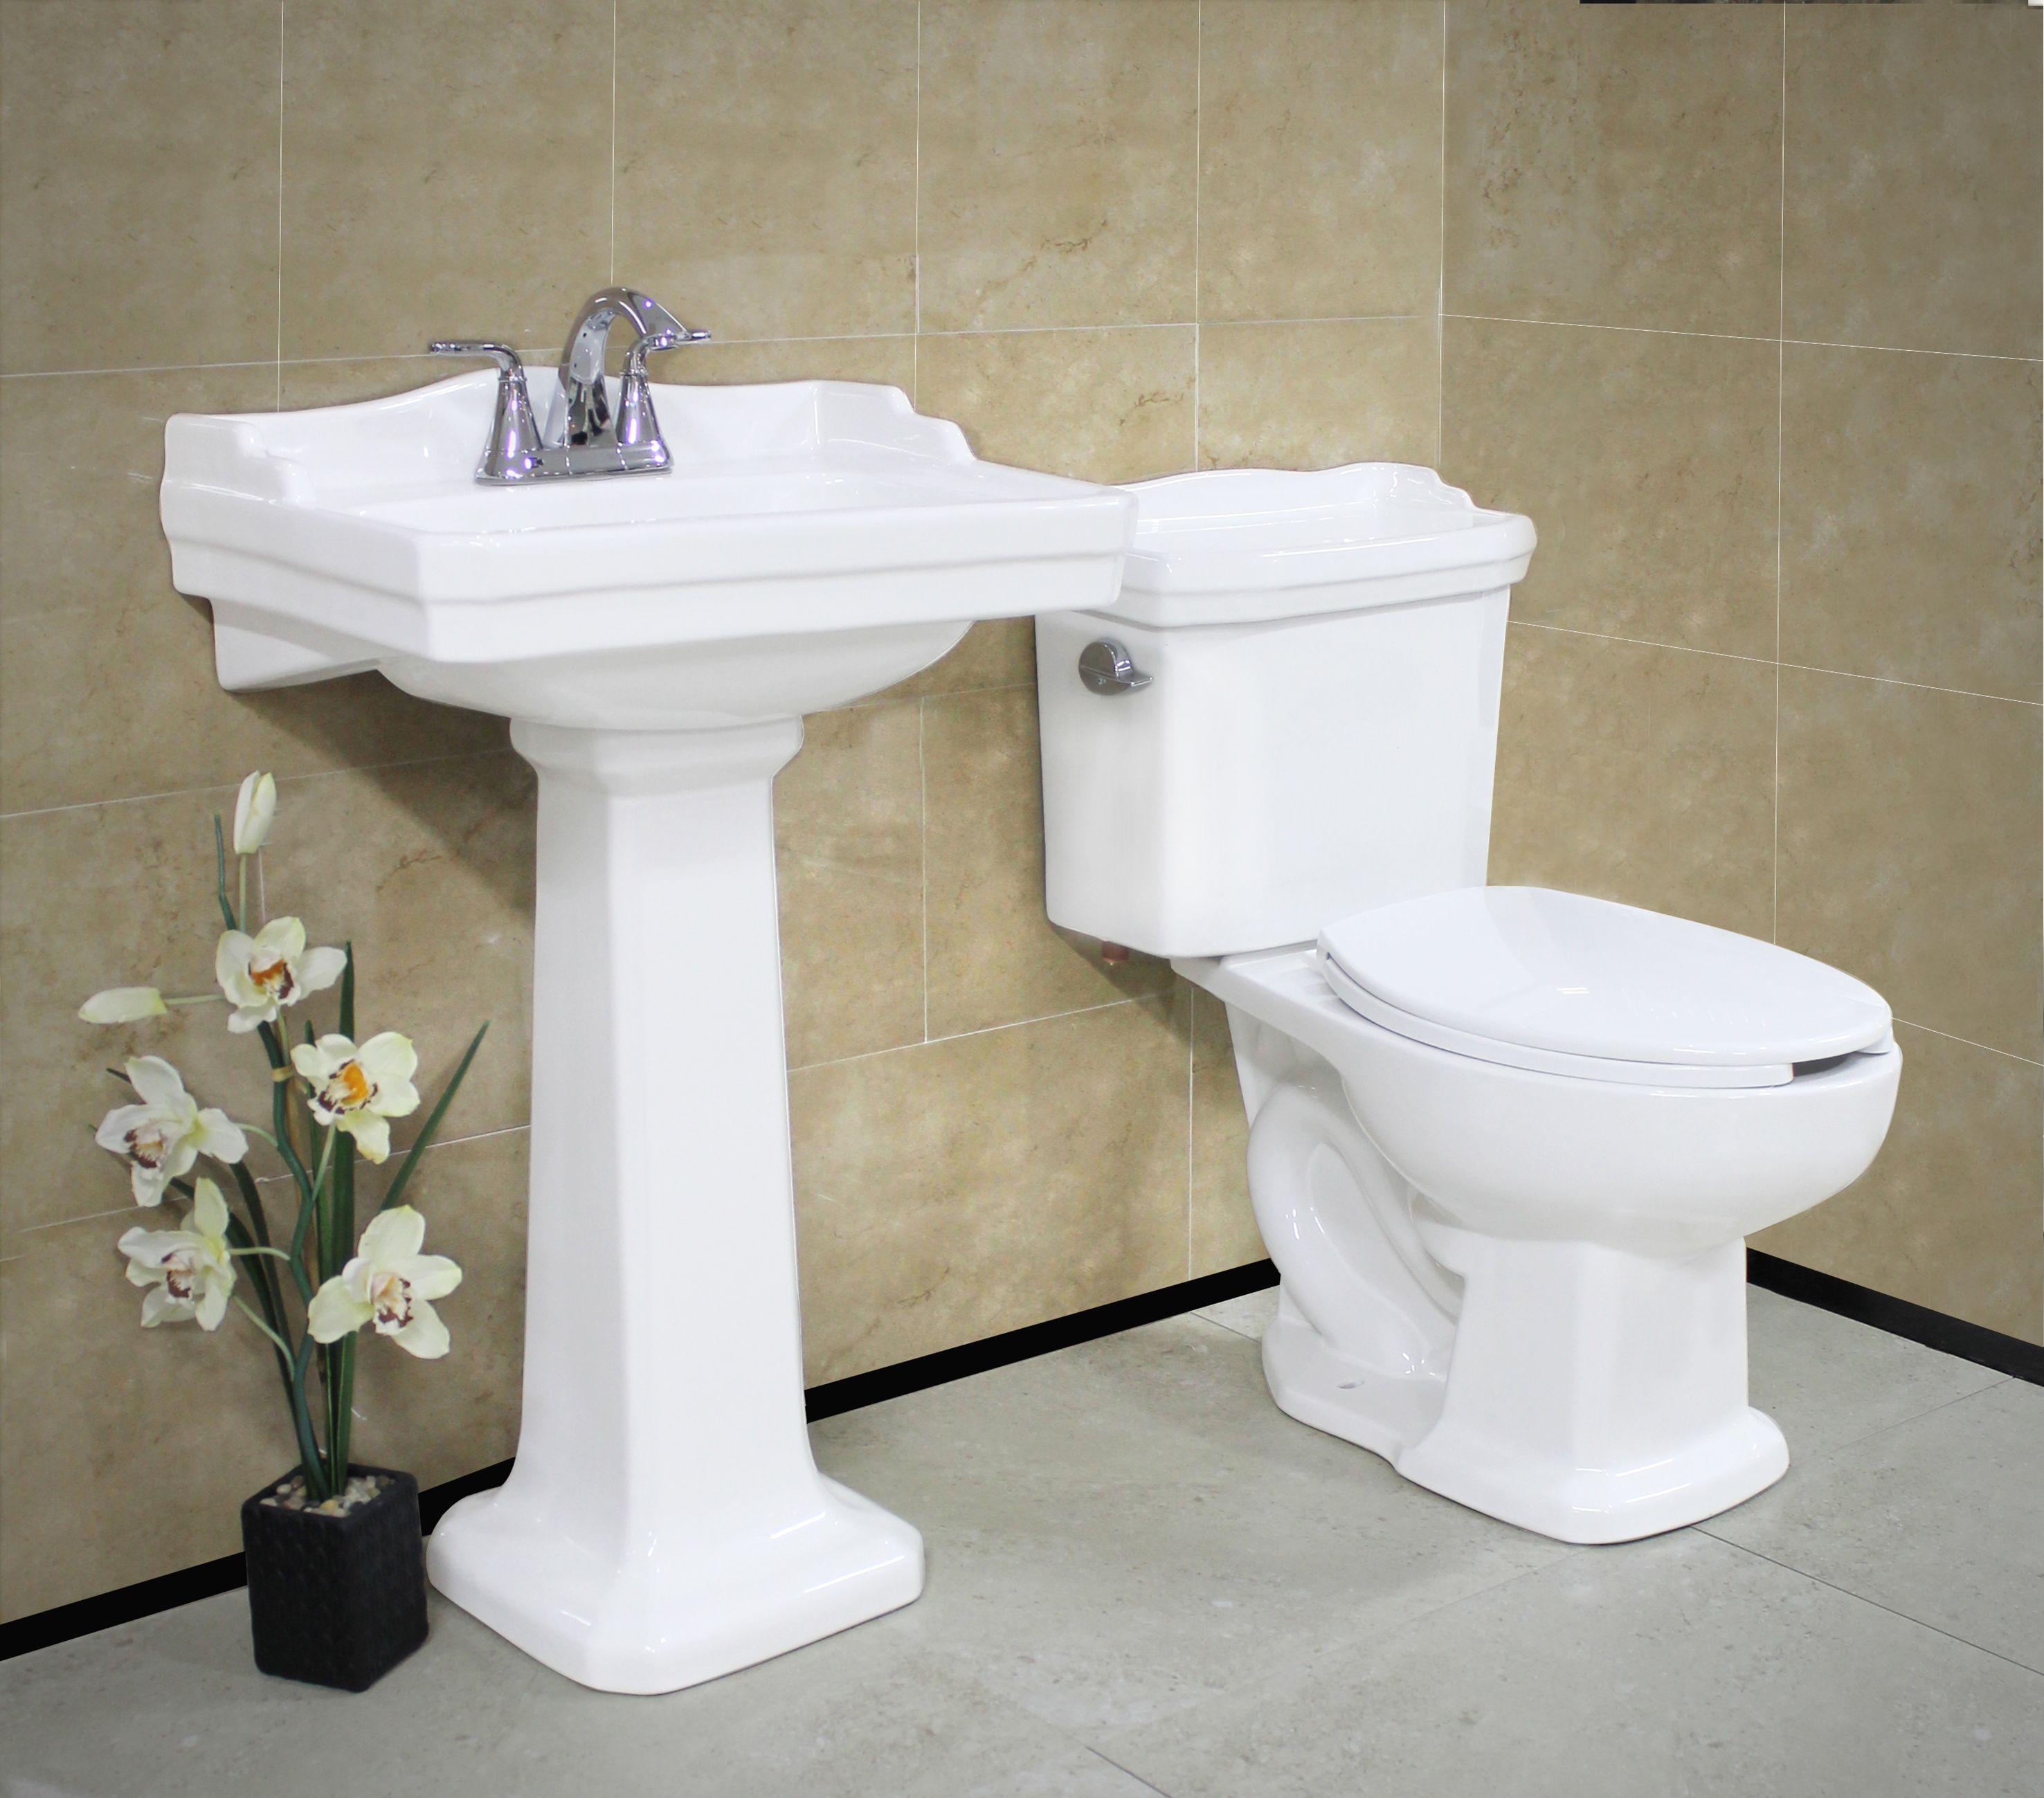 lavabo con pedestal y sanitario zurich de la là nea elite cato